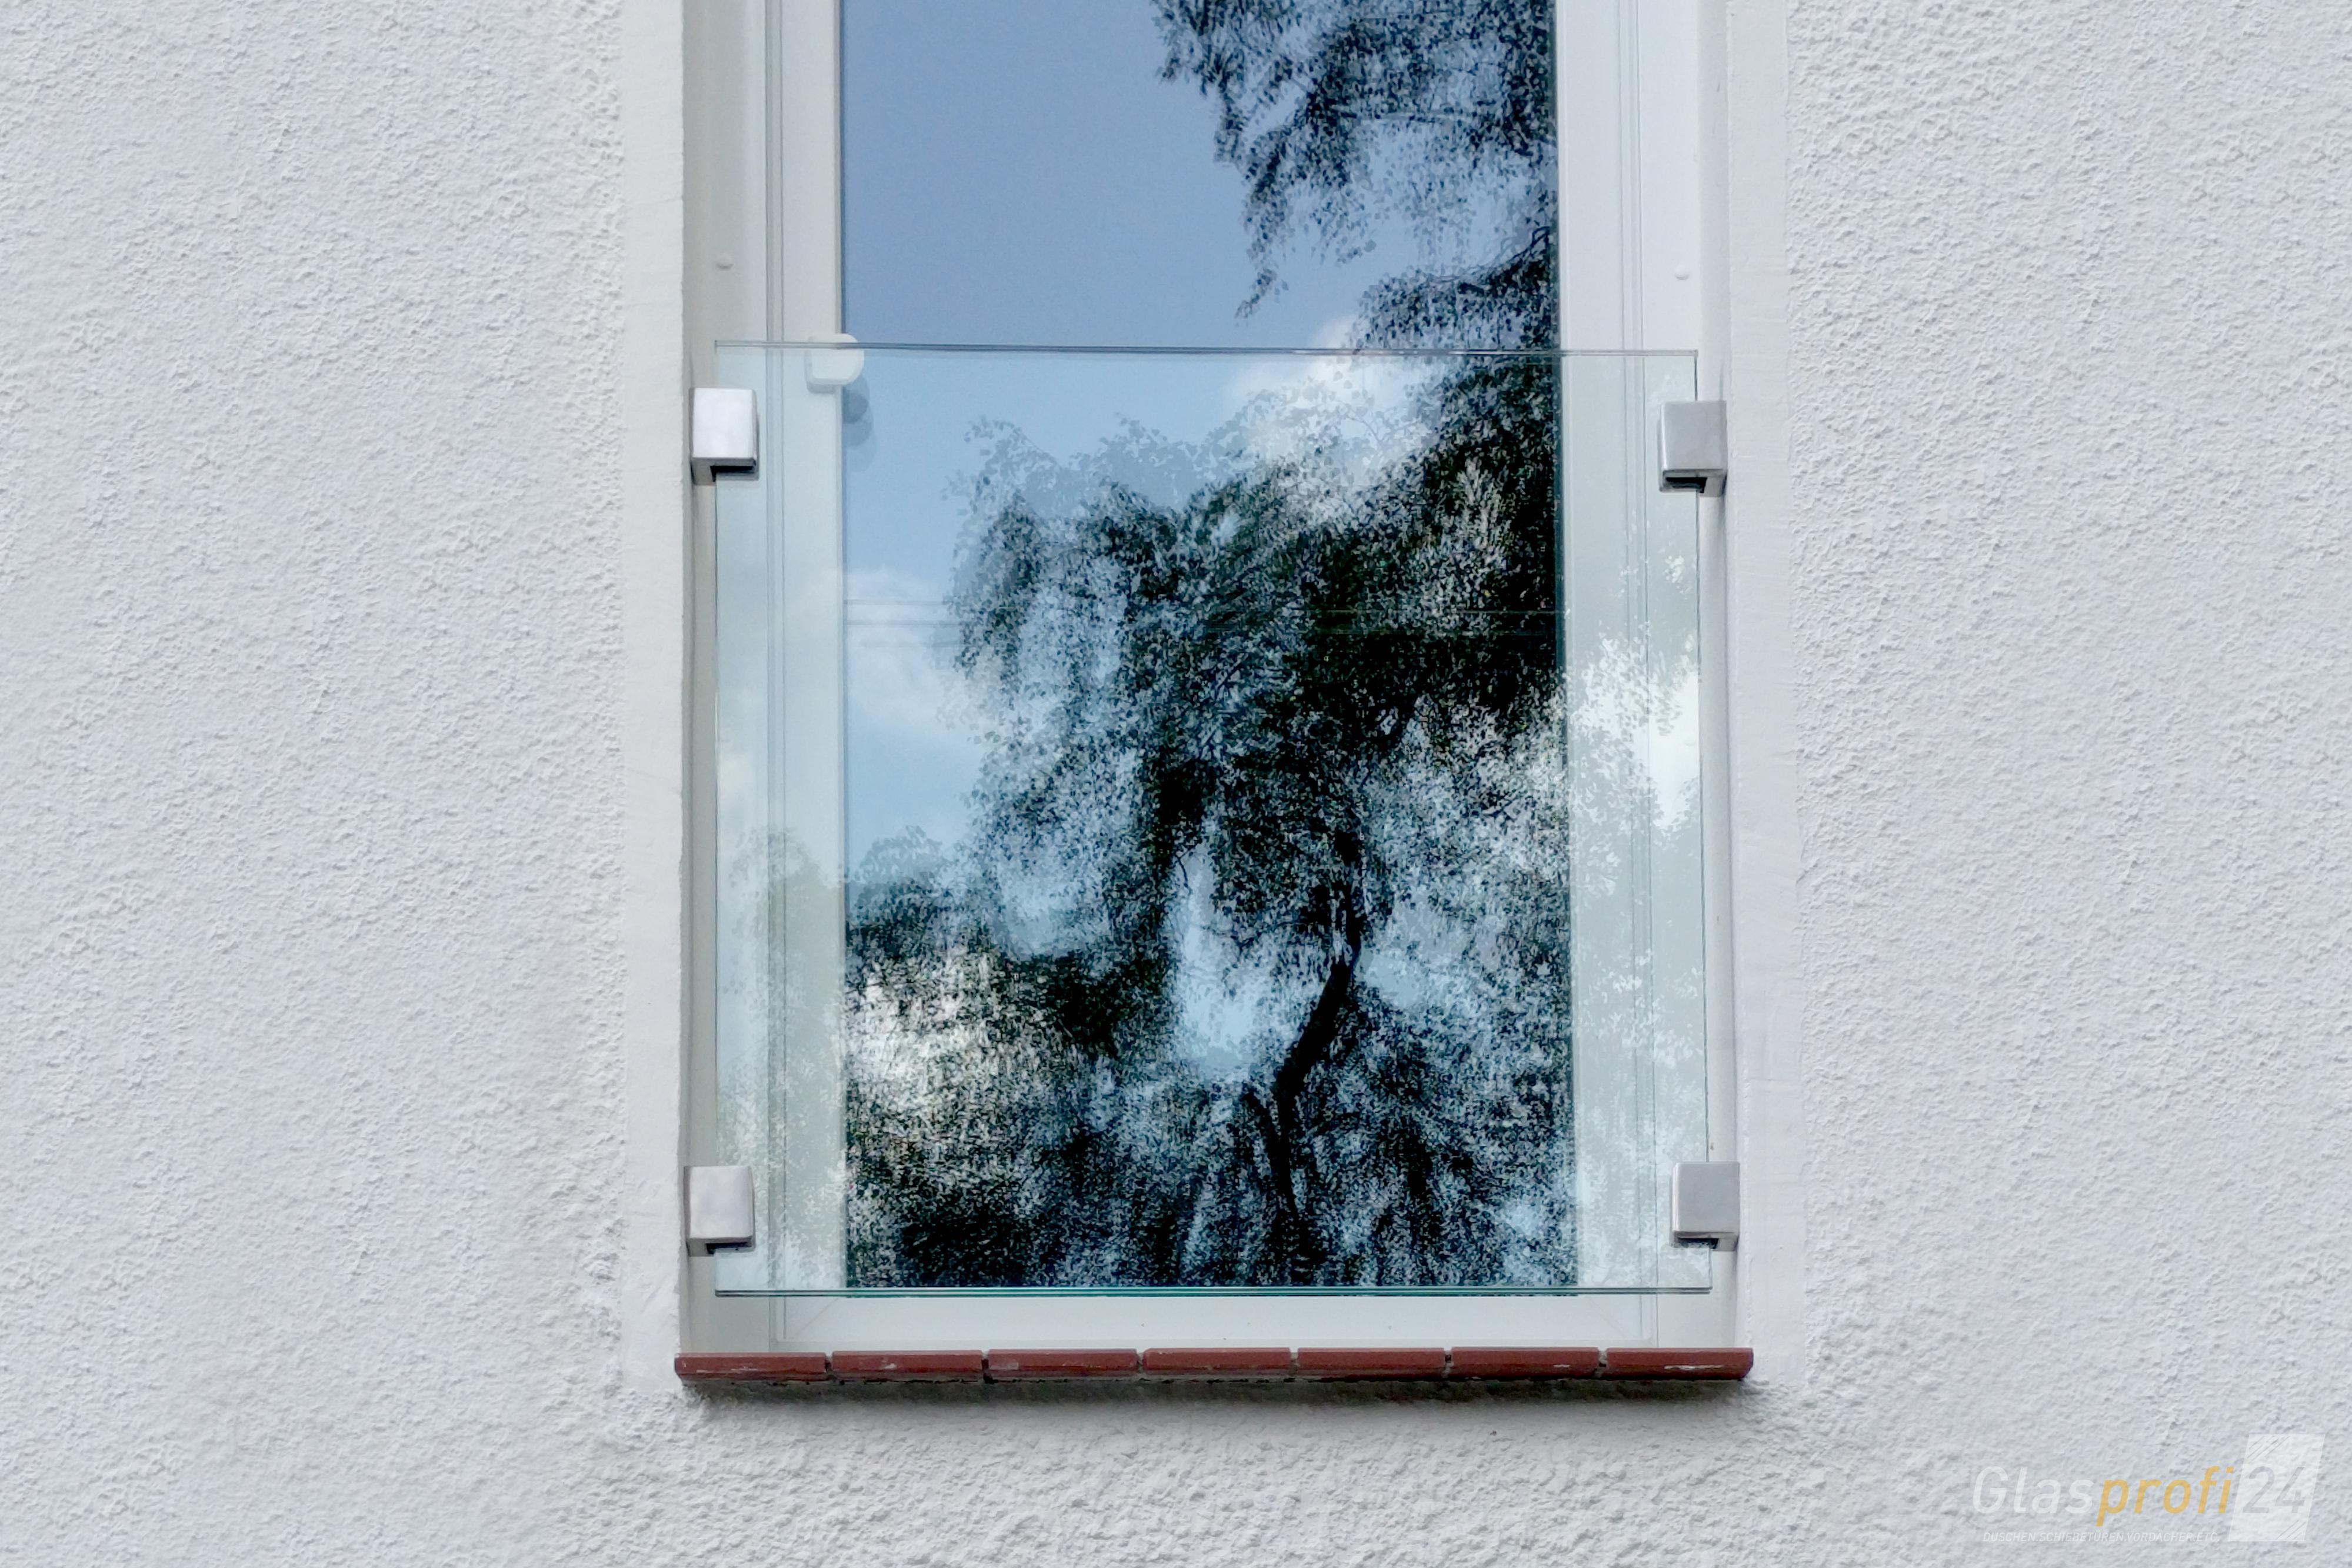 Franzosischer Balkon Als Absturzsicherung Am Fenster